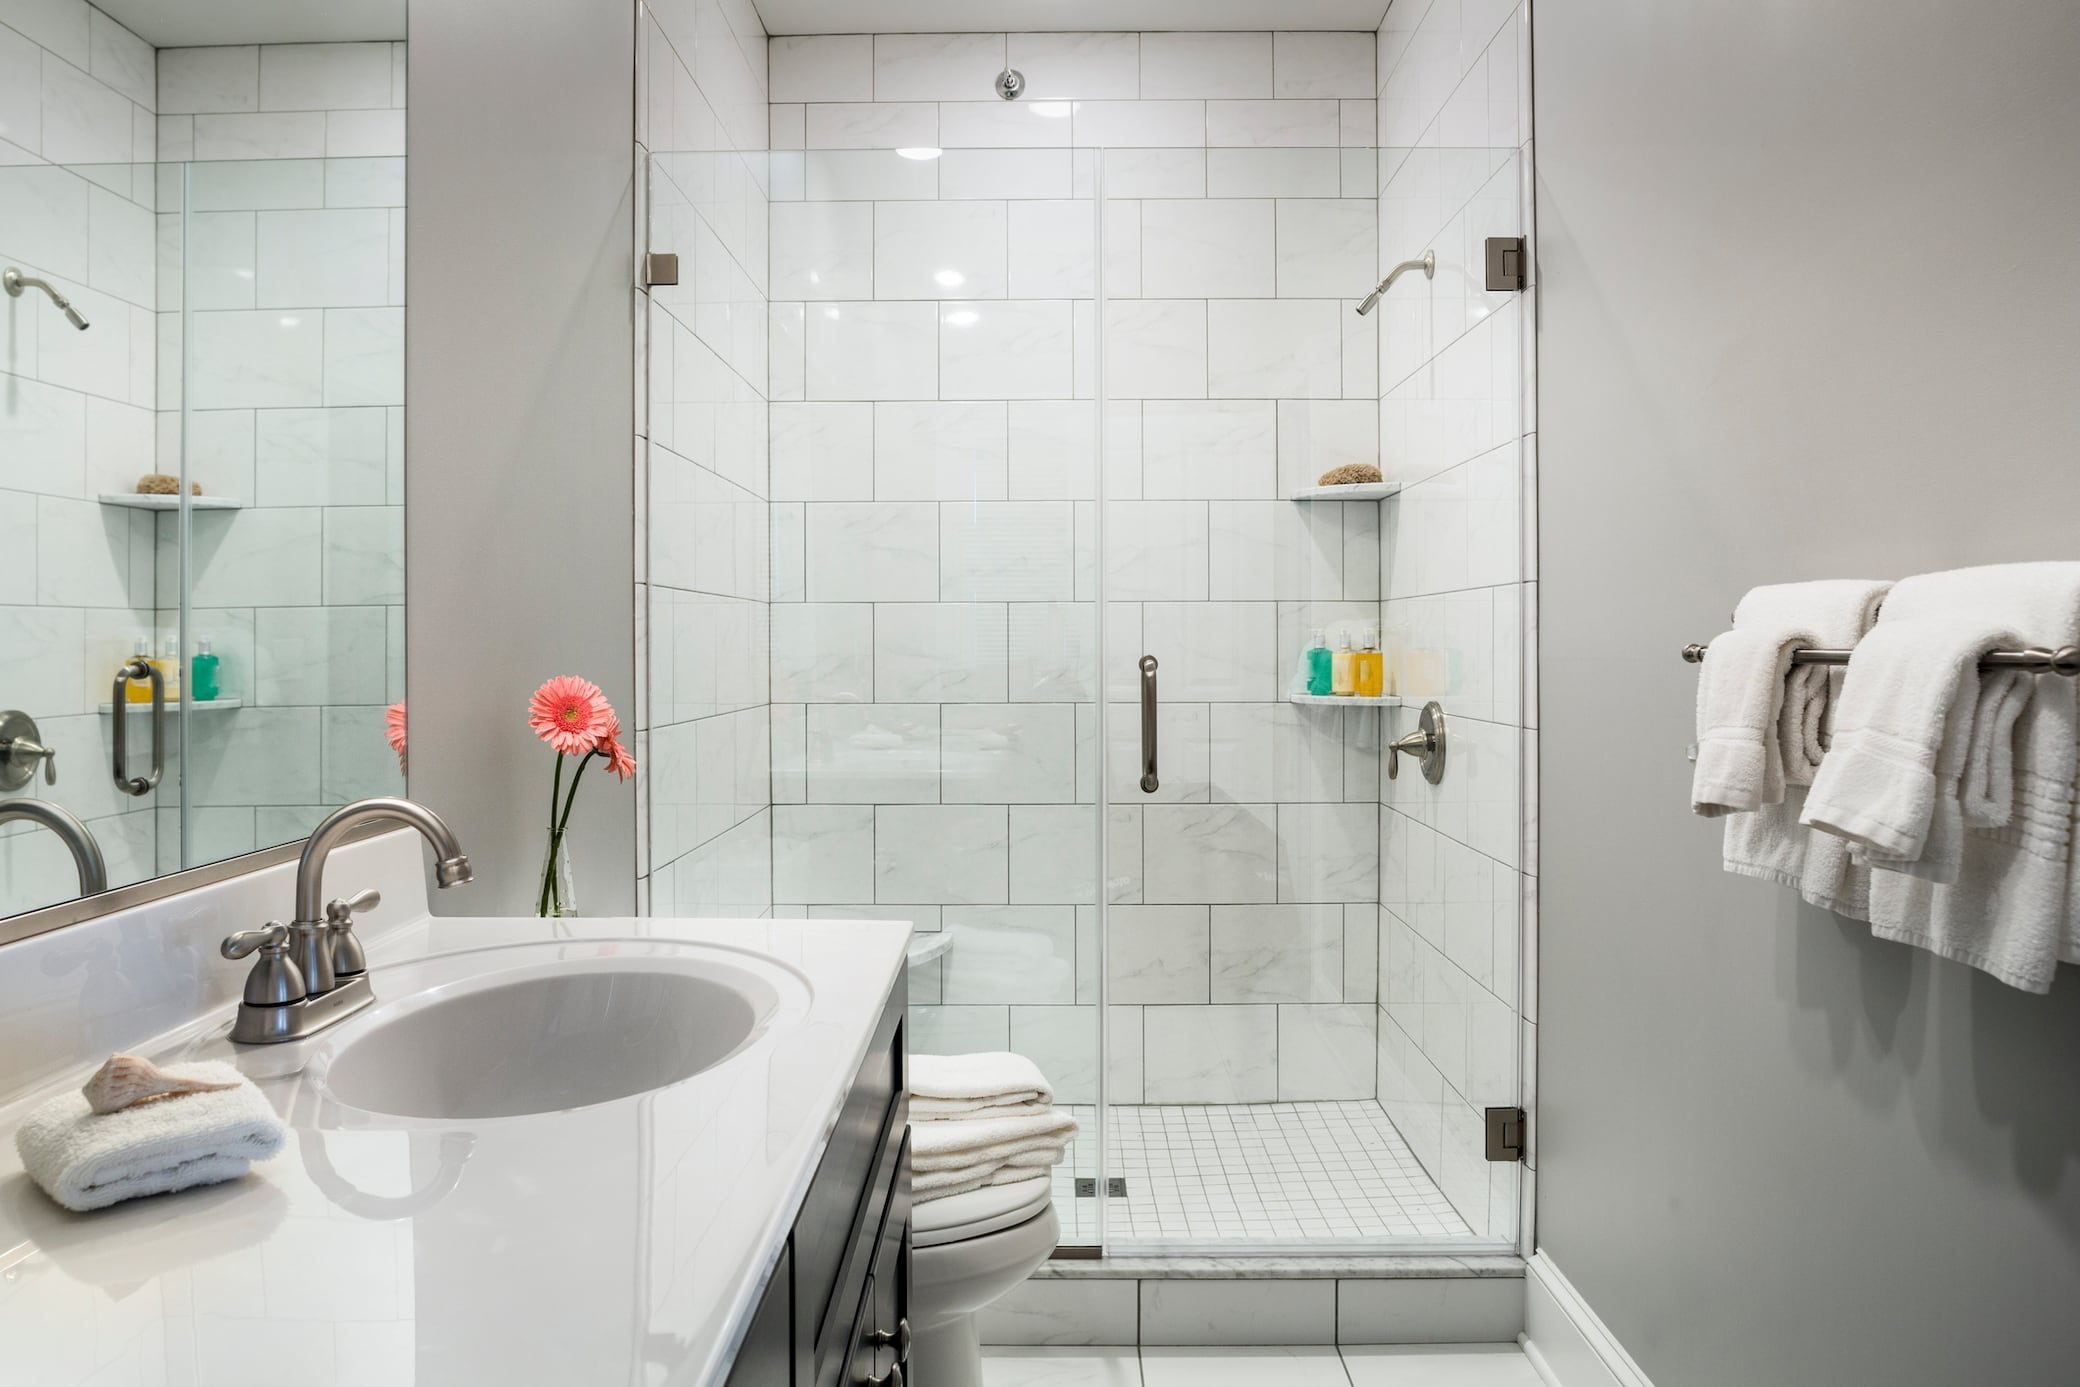 Bad ohne Fenster lüften 20 häufige Fehler   myHOMEBOOK